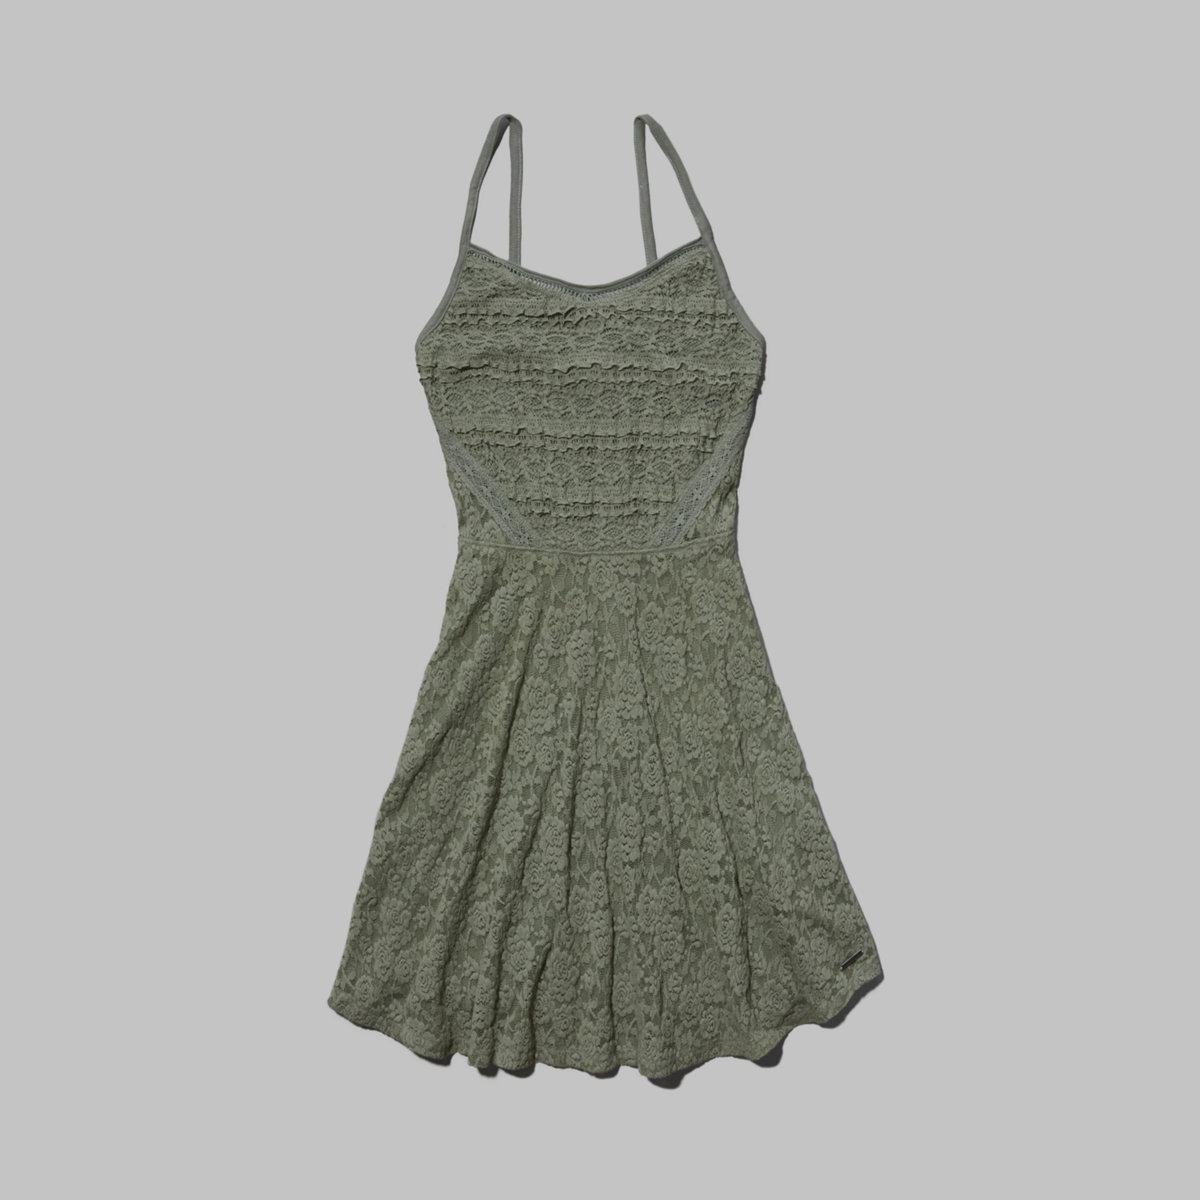 Kristen Lace Dress